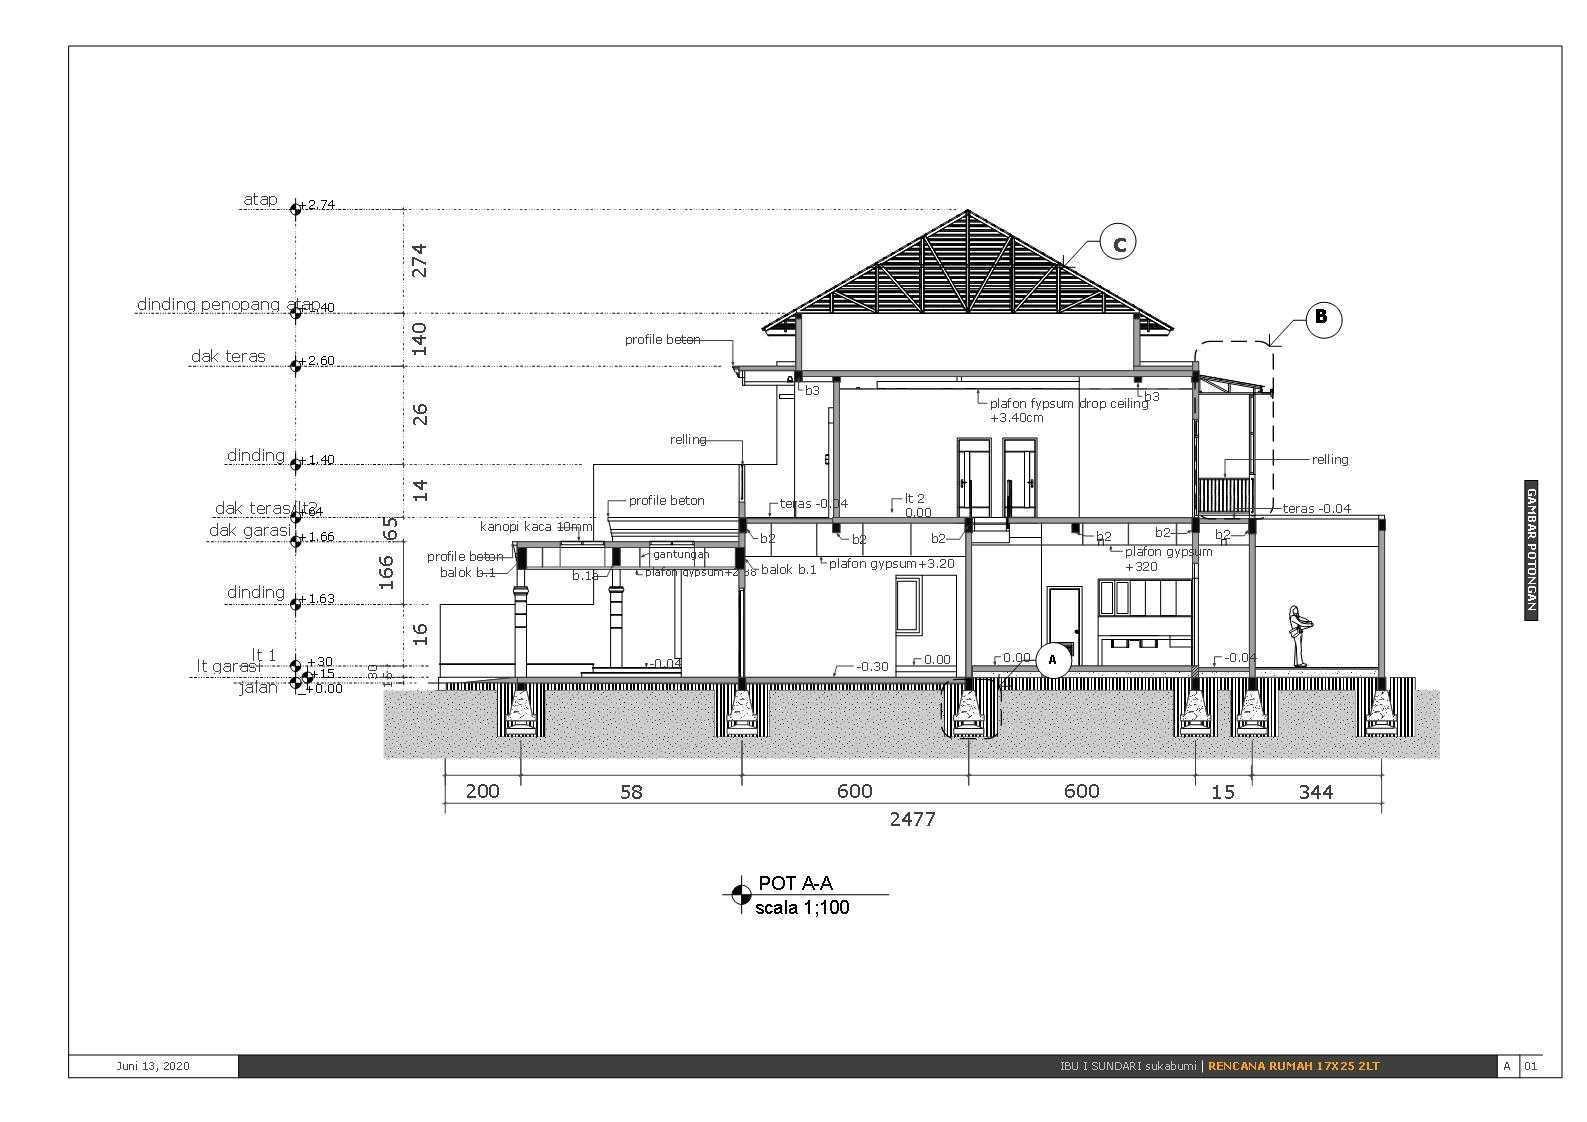 Iyan_Design Rumah Bapak Andi Palembang, Kota Palembang, Sumatera Selatan, Indonesia Palembang, Kota Palembang, Sumatera Selatan, Indonesia Iyandesign-Rumah-Bapak-Andi  94781